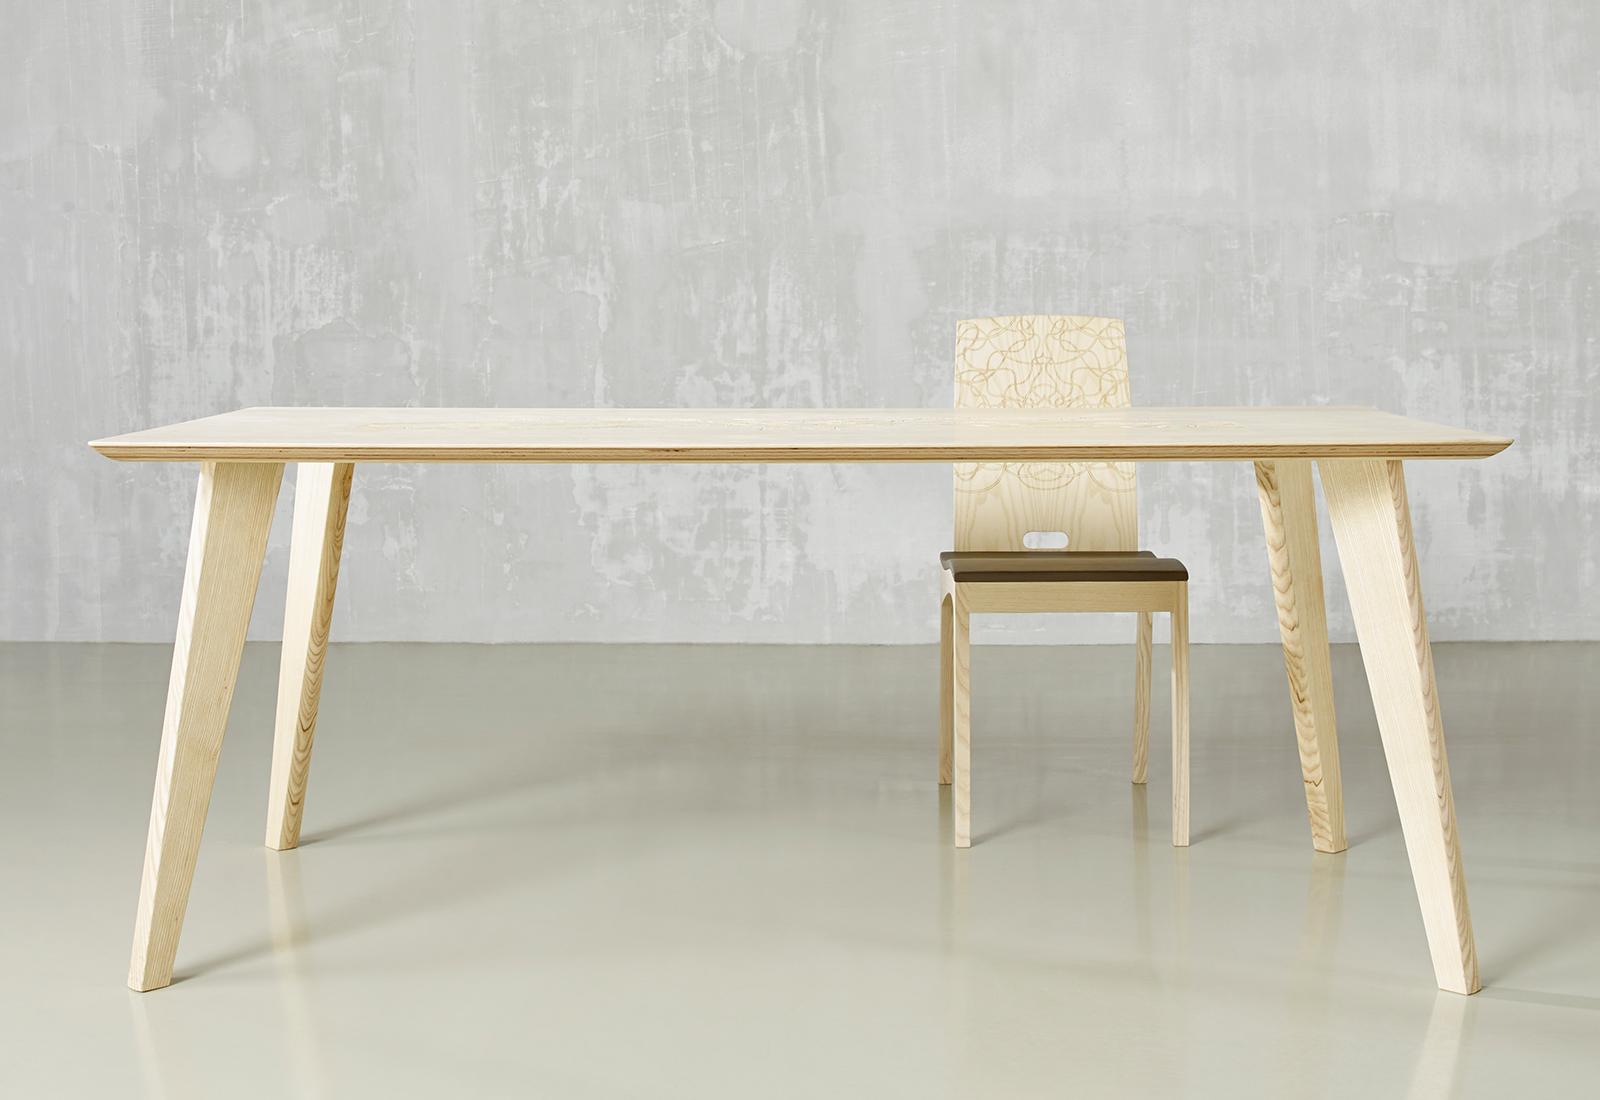 Esstisch designermöbel  Esstisch, tisch FINN von sixay furniture - designermöbel aus ...